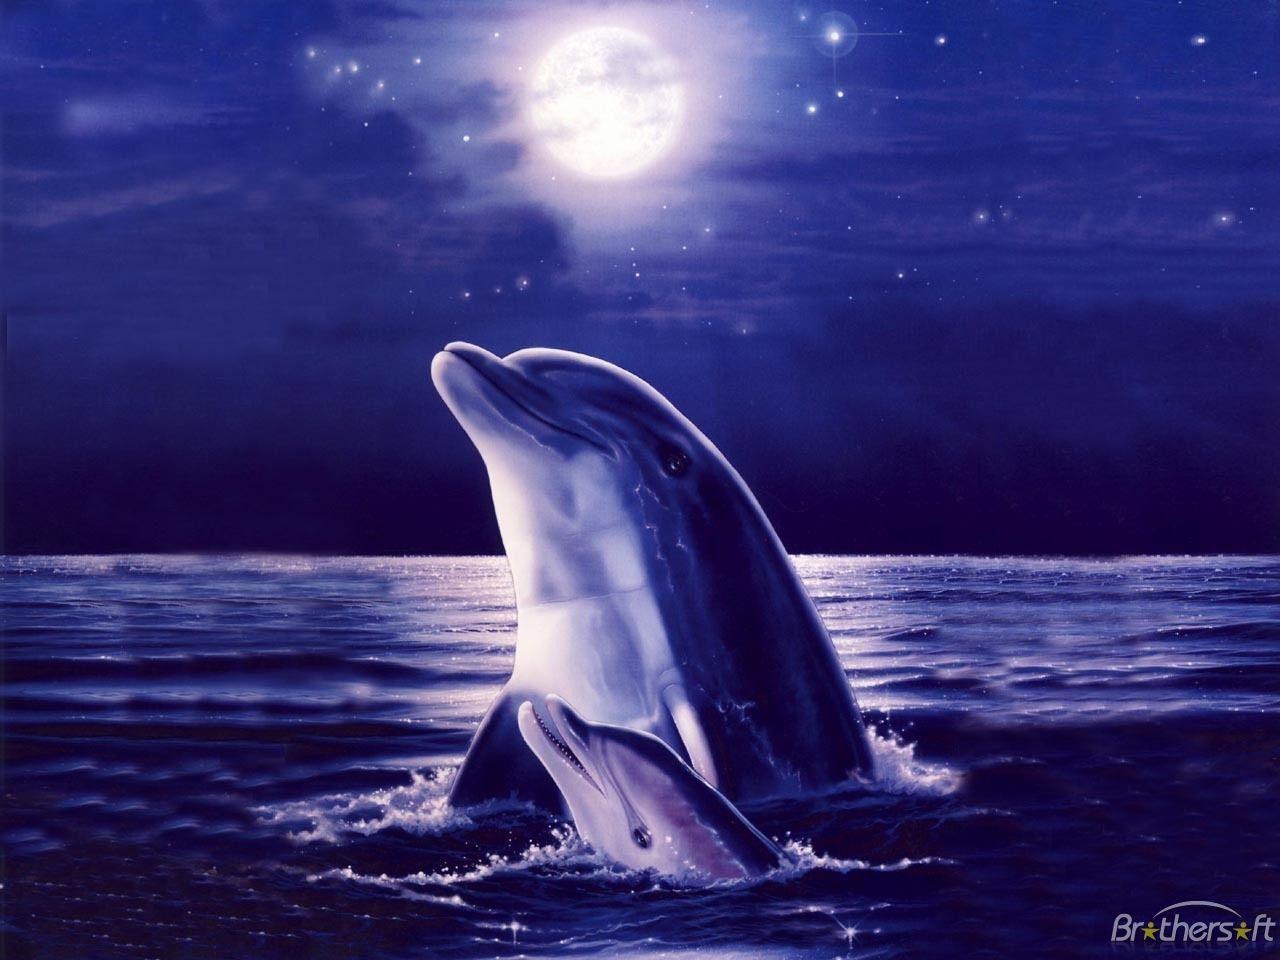 3D Dolphin Wallpaper - www.